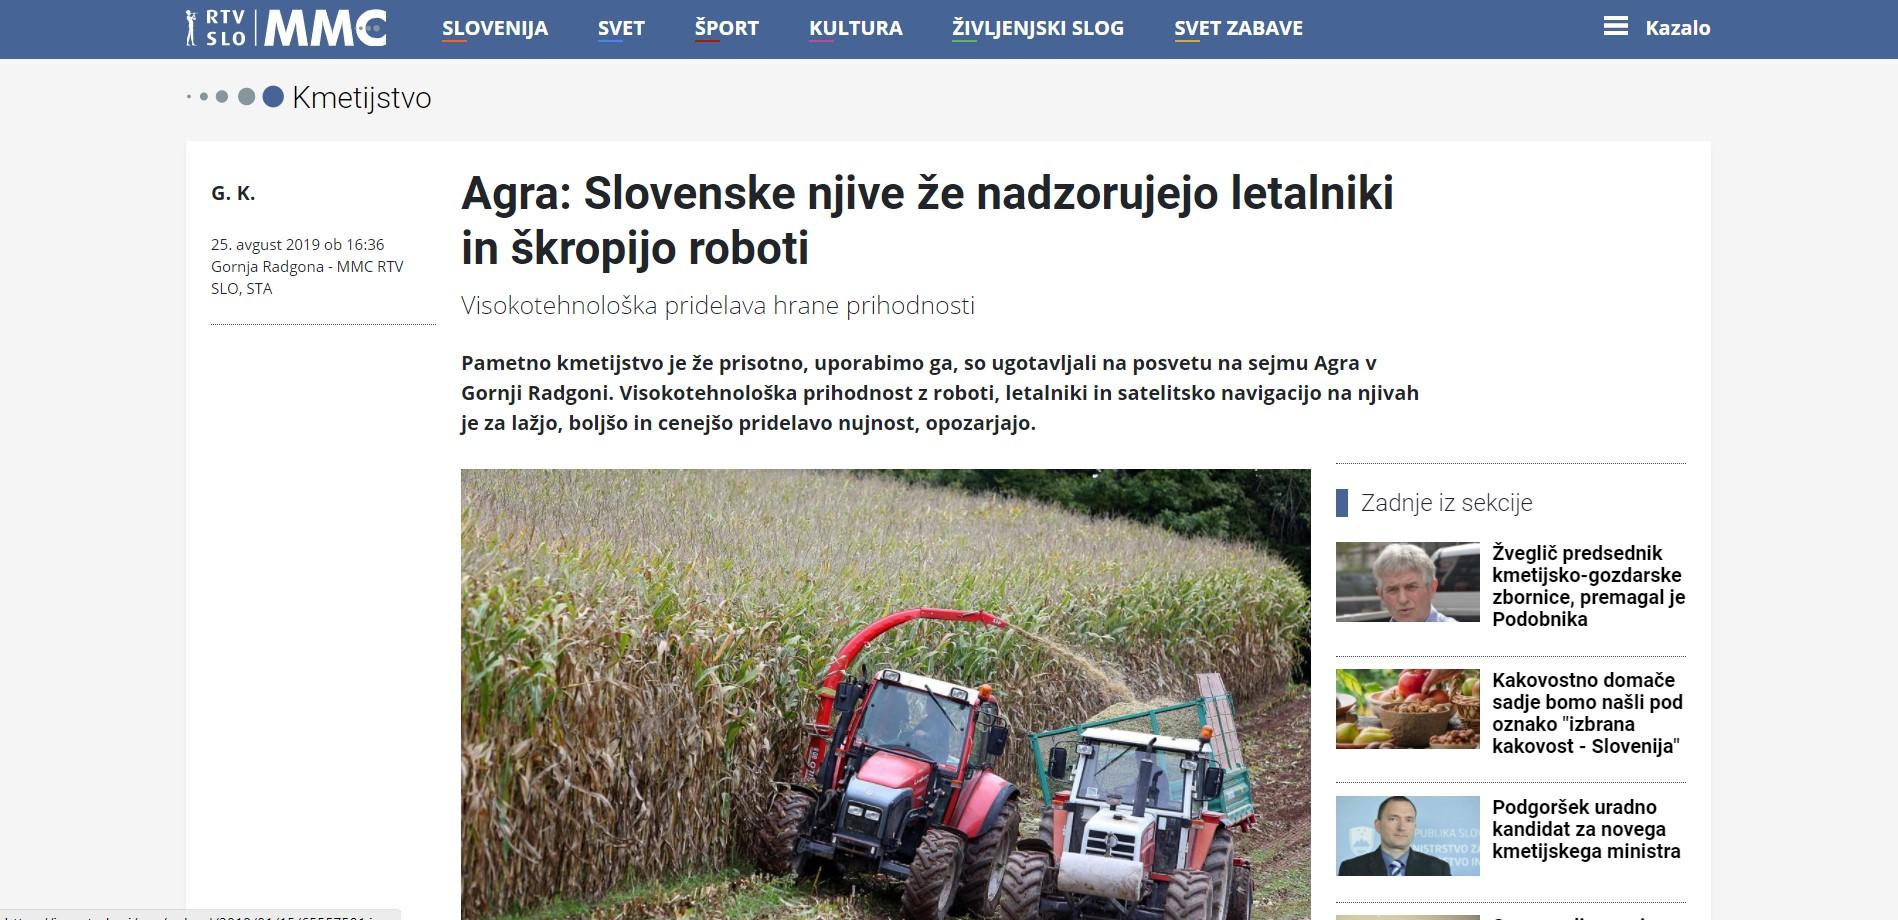 Termodron - In Media - Agra: Slovenske njive že nadzorujejo letalniki in škropijo roboti